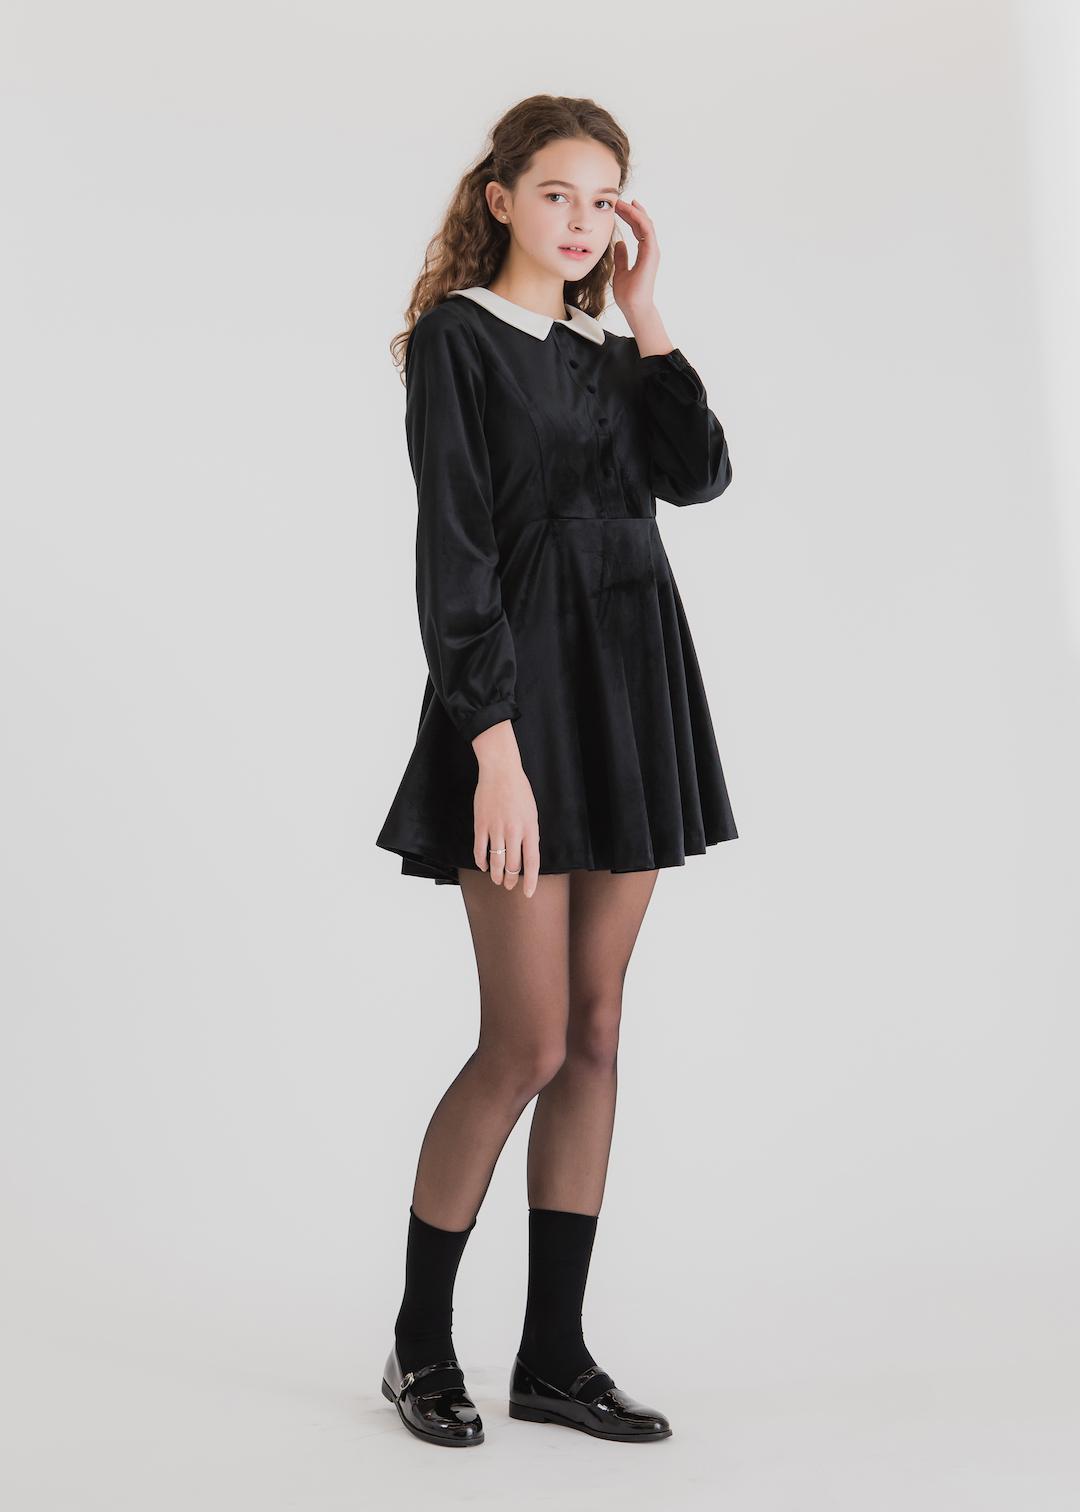 giày búp bê mary jane phối cùng váy đen mang phong cách ọc đường